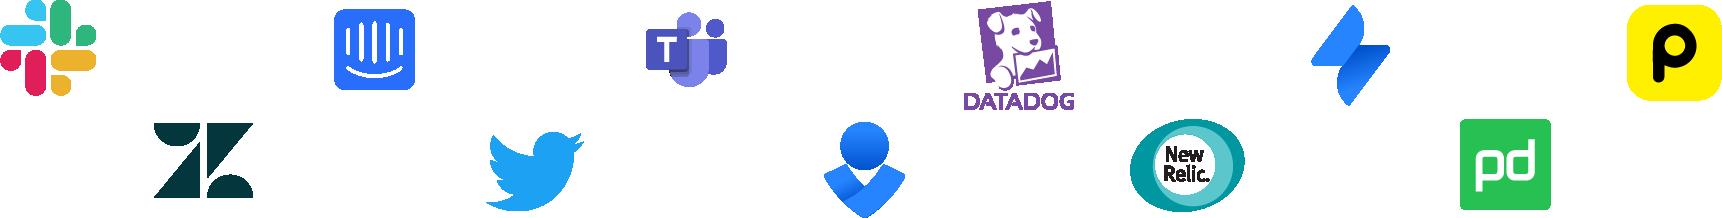 连接 Statuspage